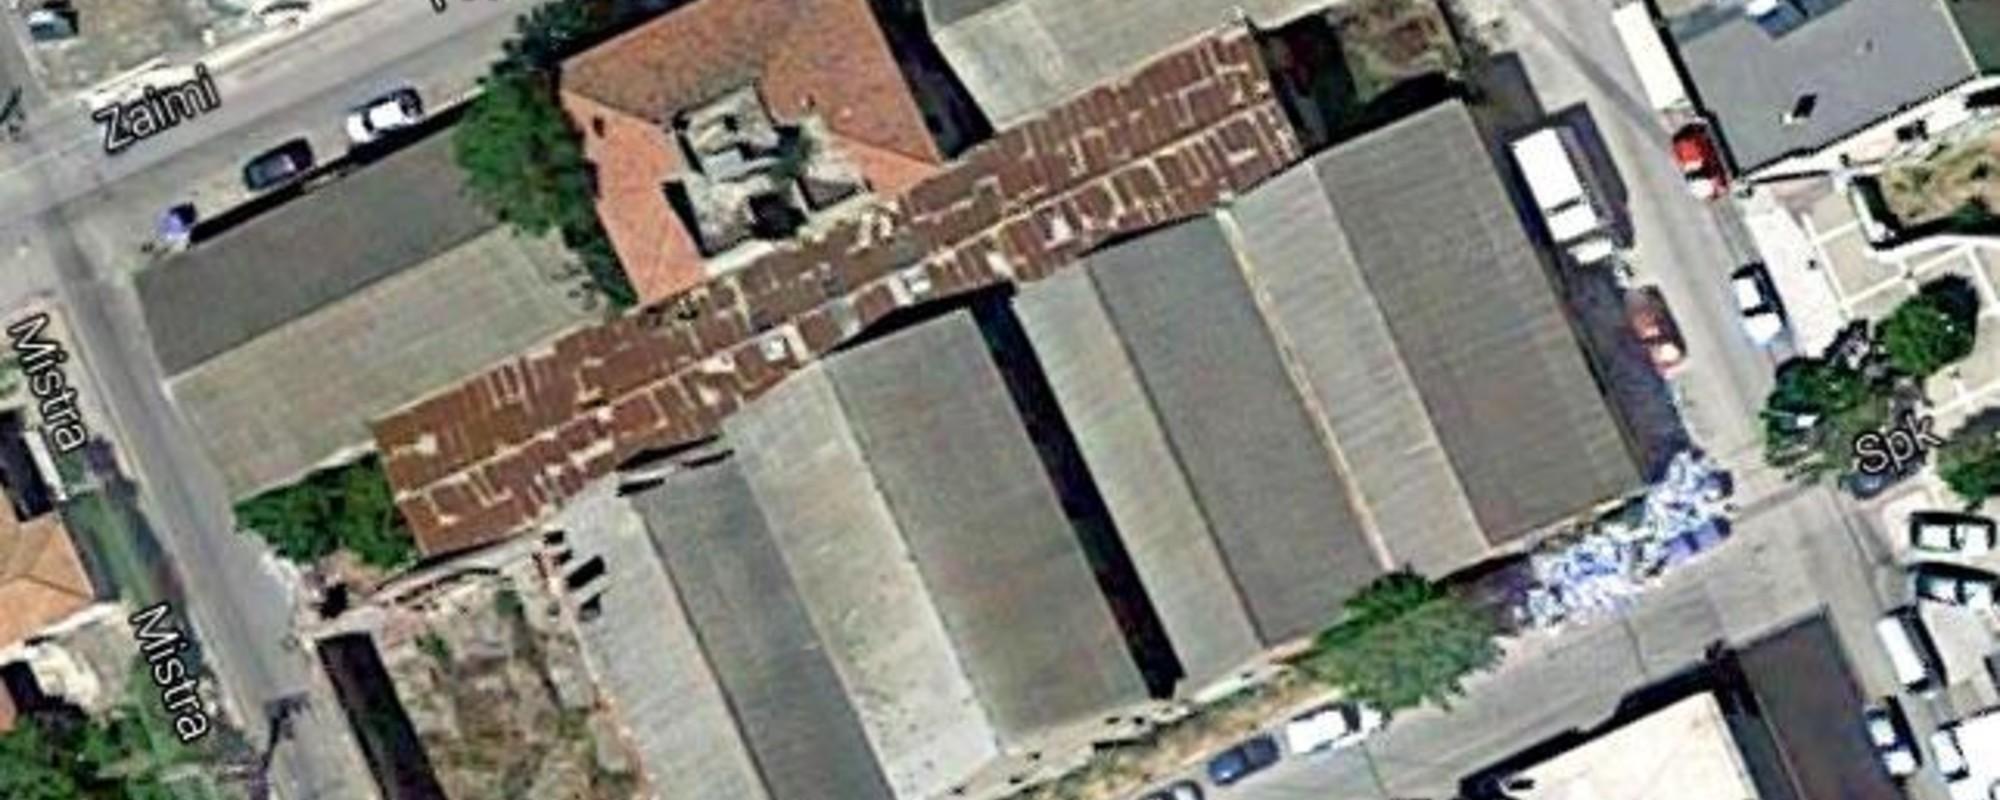 Τα Σκουπίδια στον Πύργο Φαίνονται από το Διάστημα